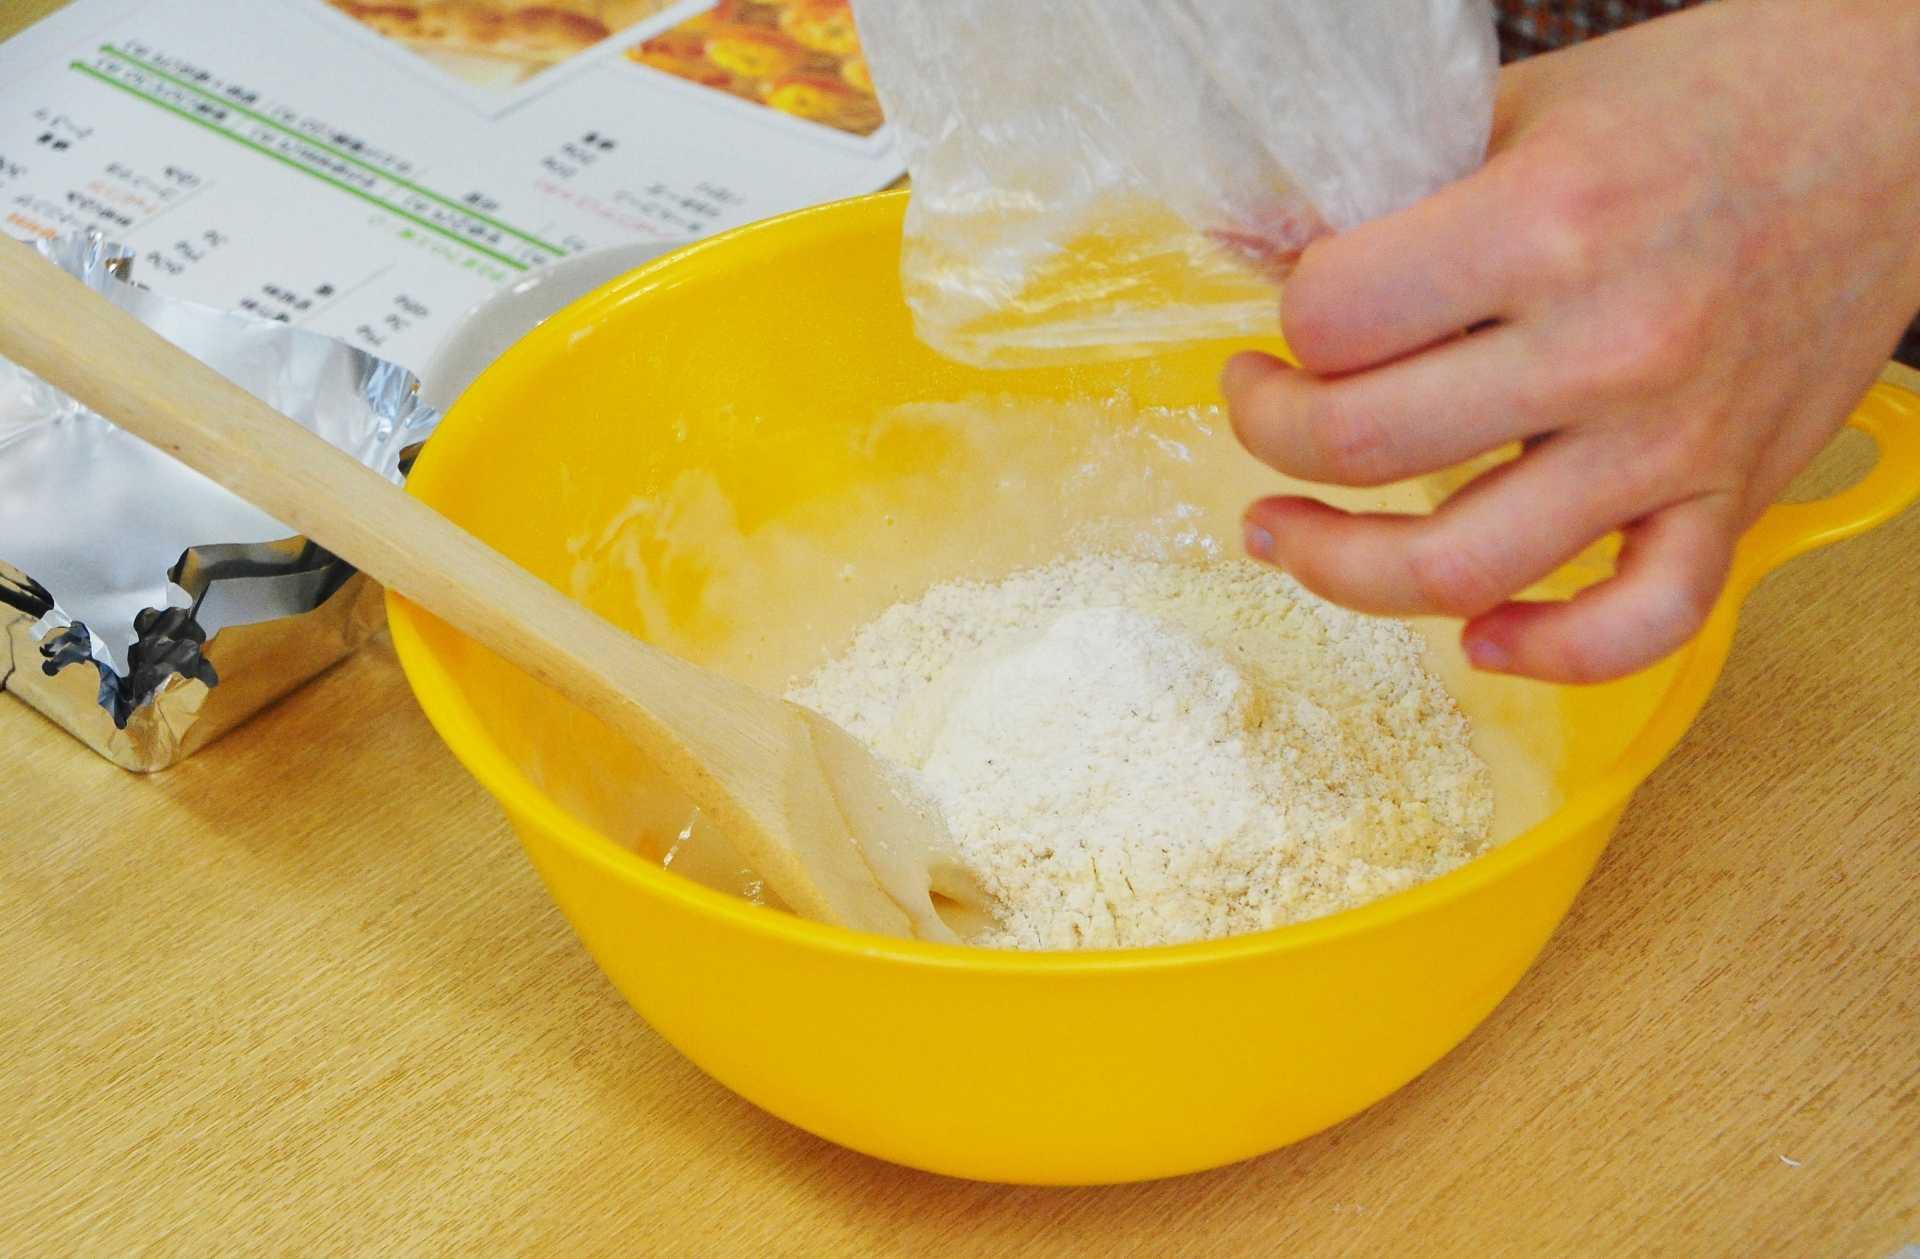 【パン作りの材料】パン作りに使われる材料と役割に関する記事一覧